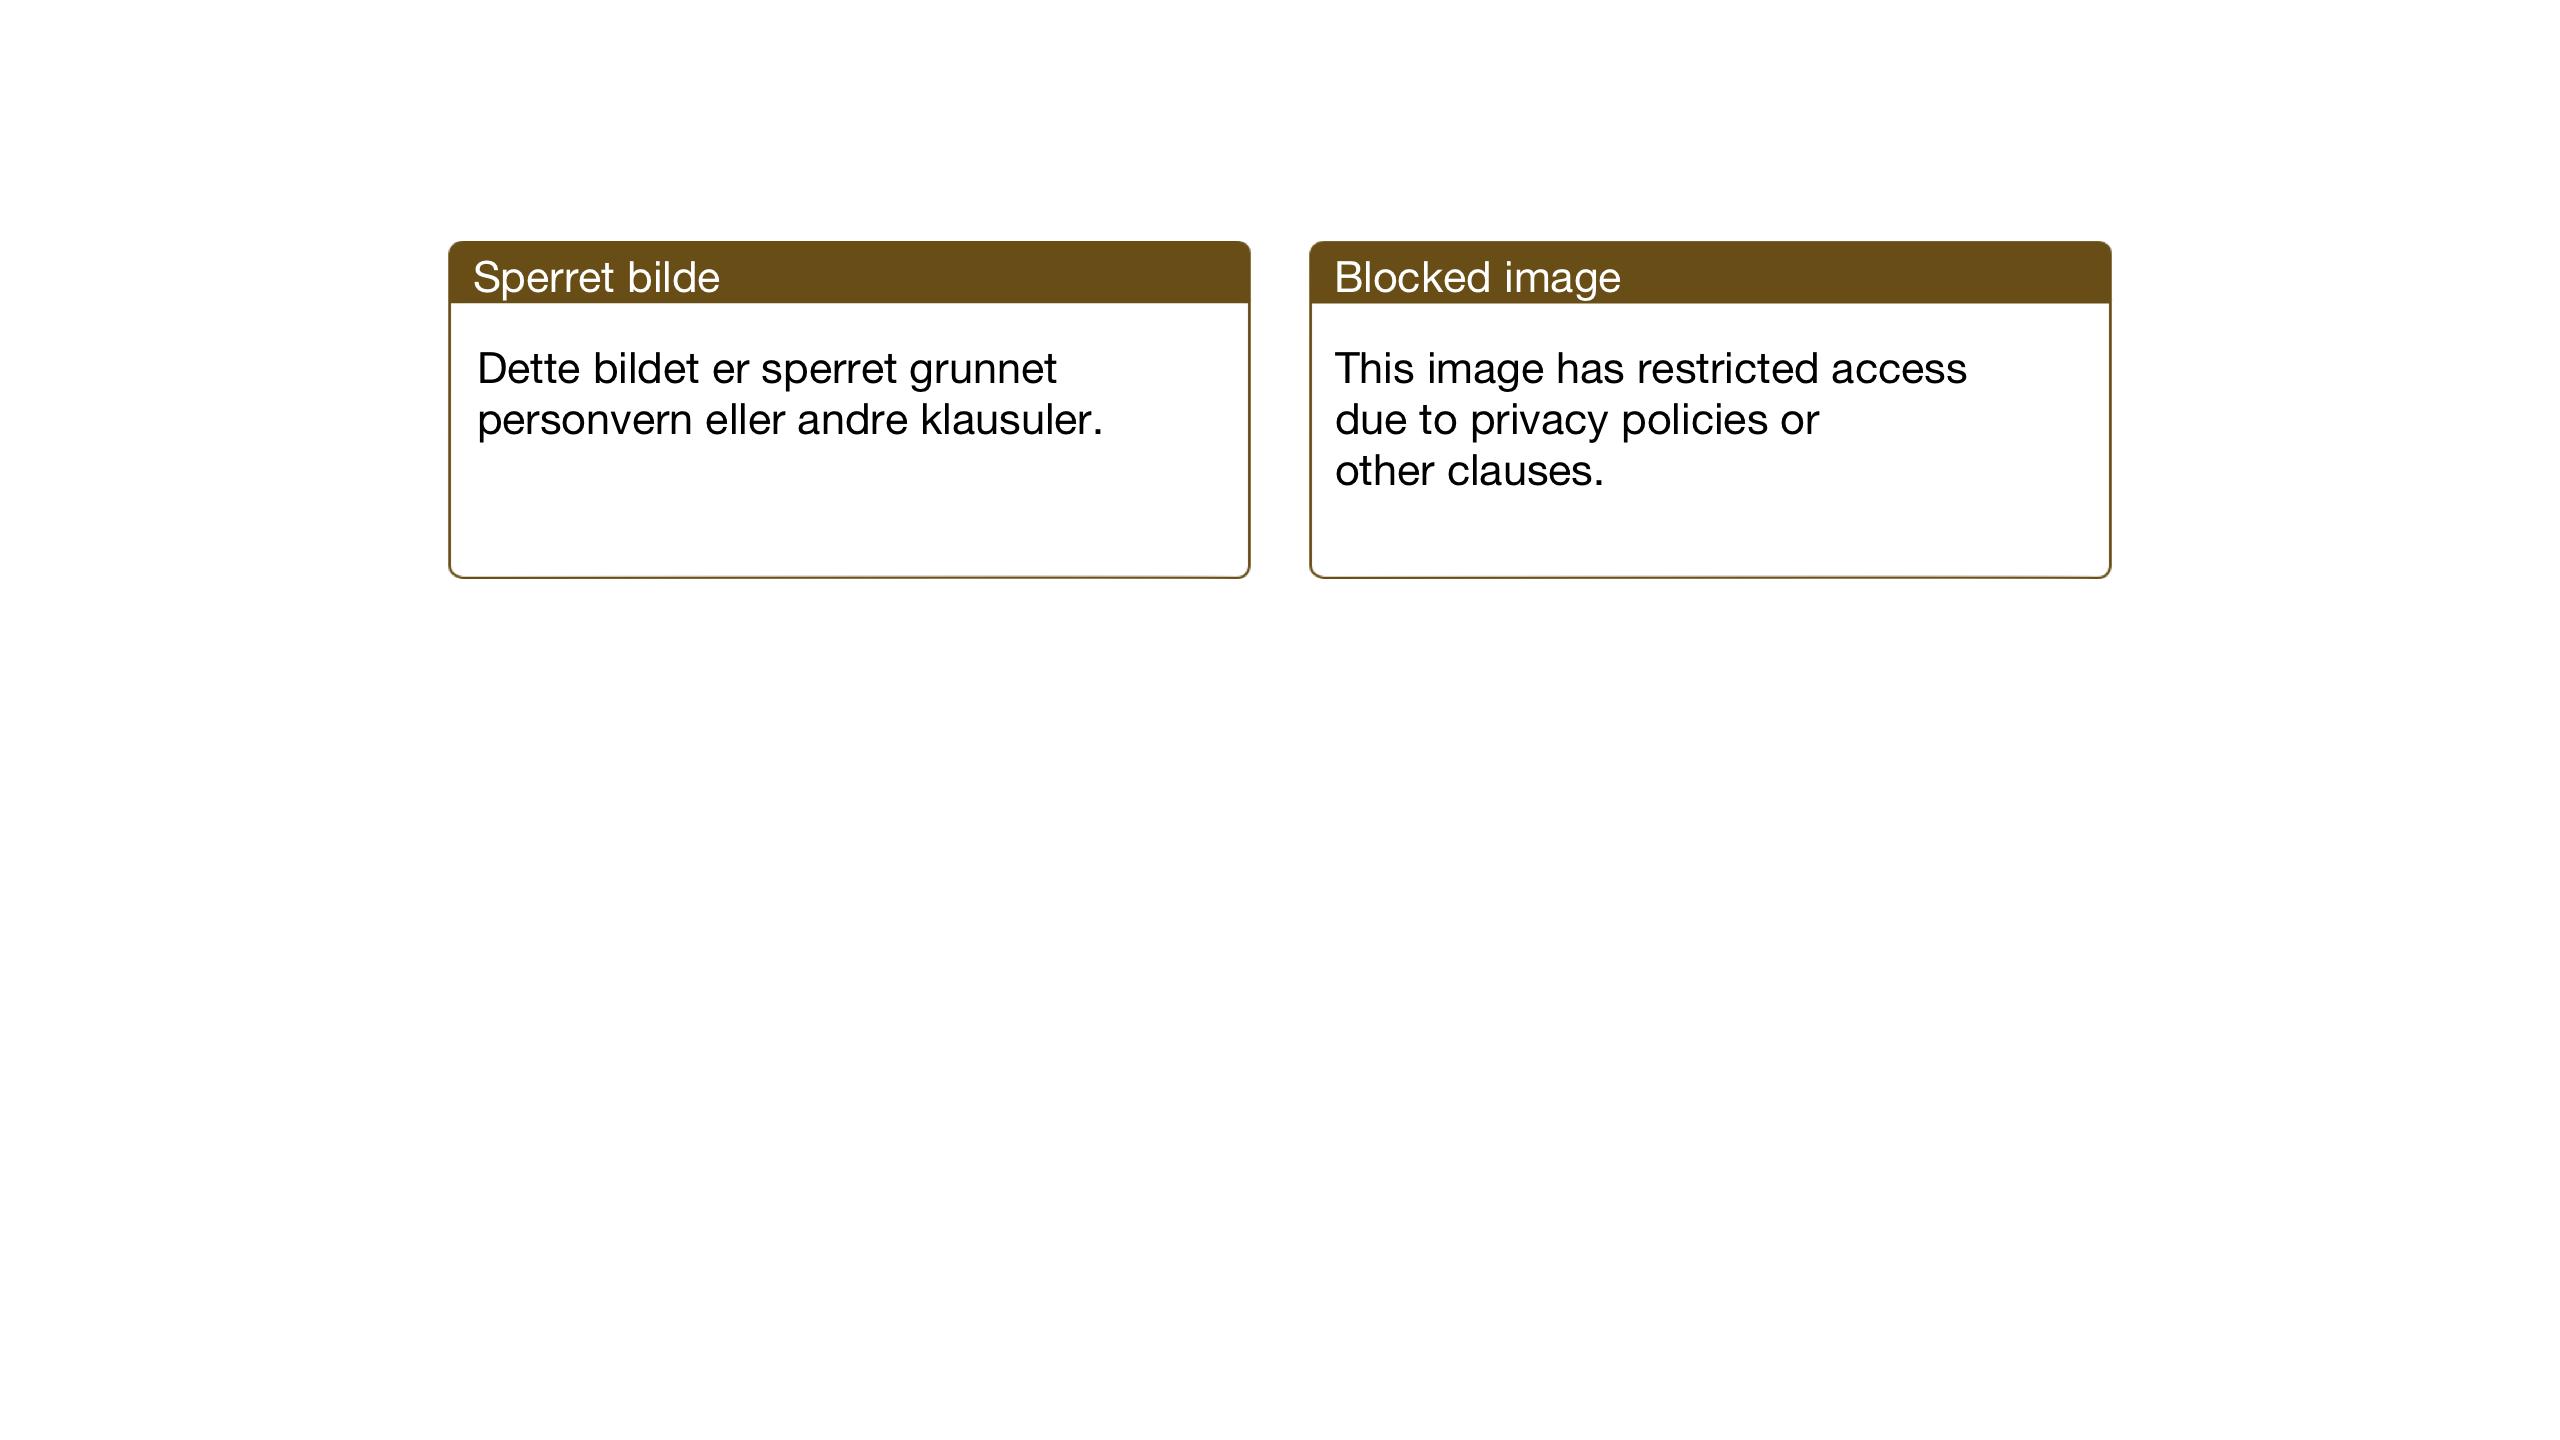 SAT, Ministerialprotokoller, klokkerbøker og fødselsregistre - Sør-Trøndelag, 602/L0153: Klokkerbok nr. 602C21, 1940-1949, s. 8